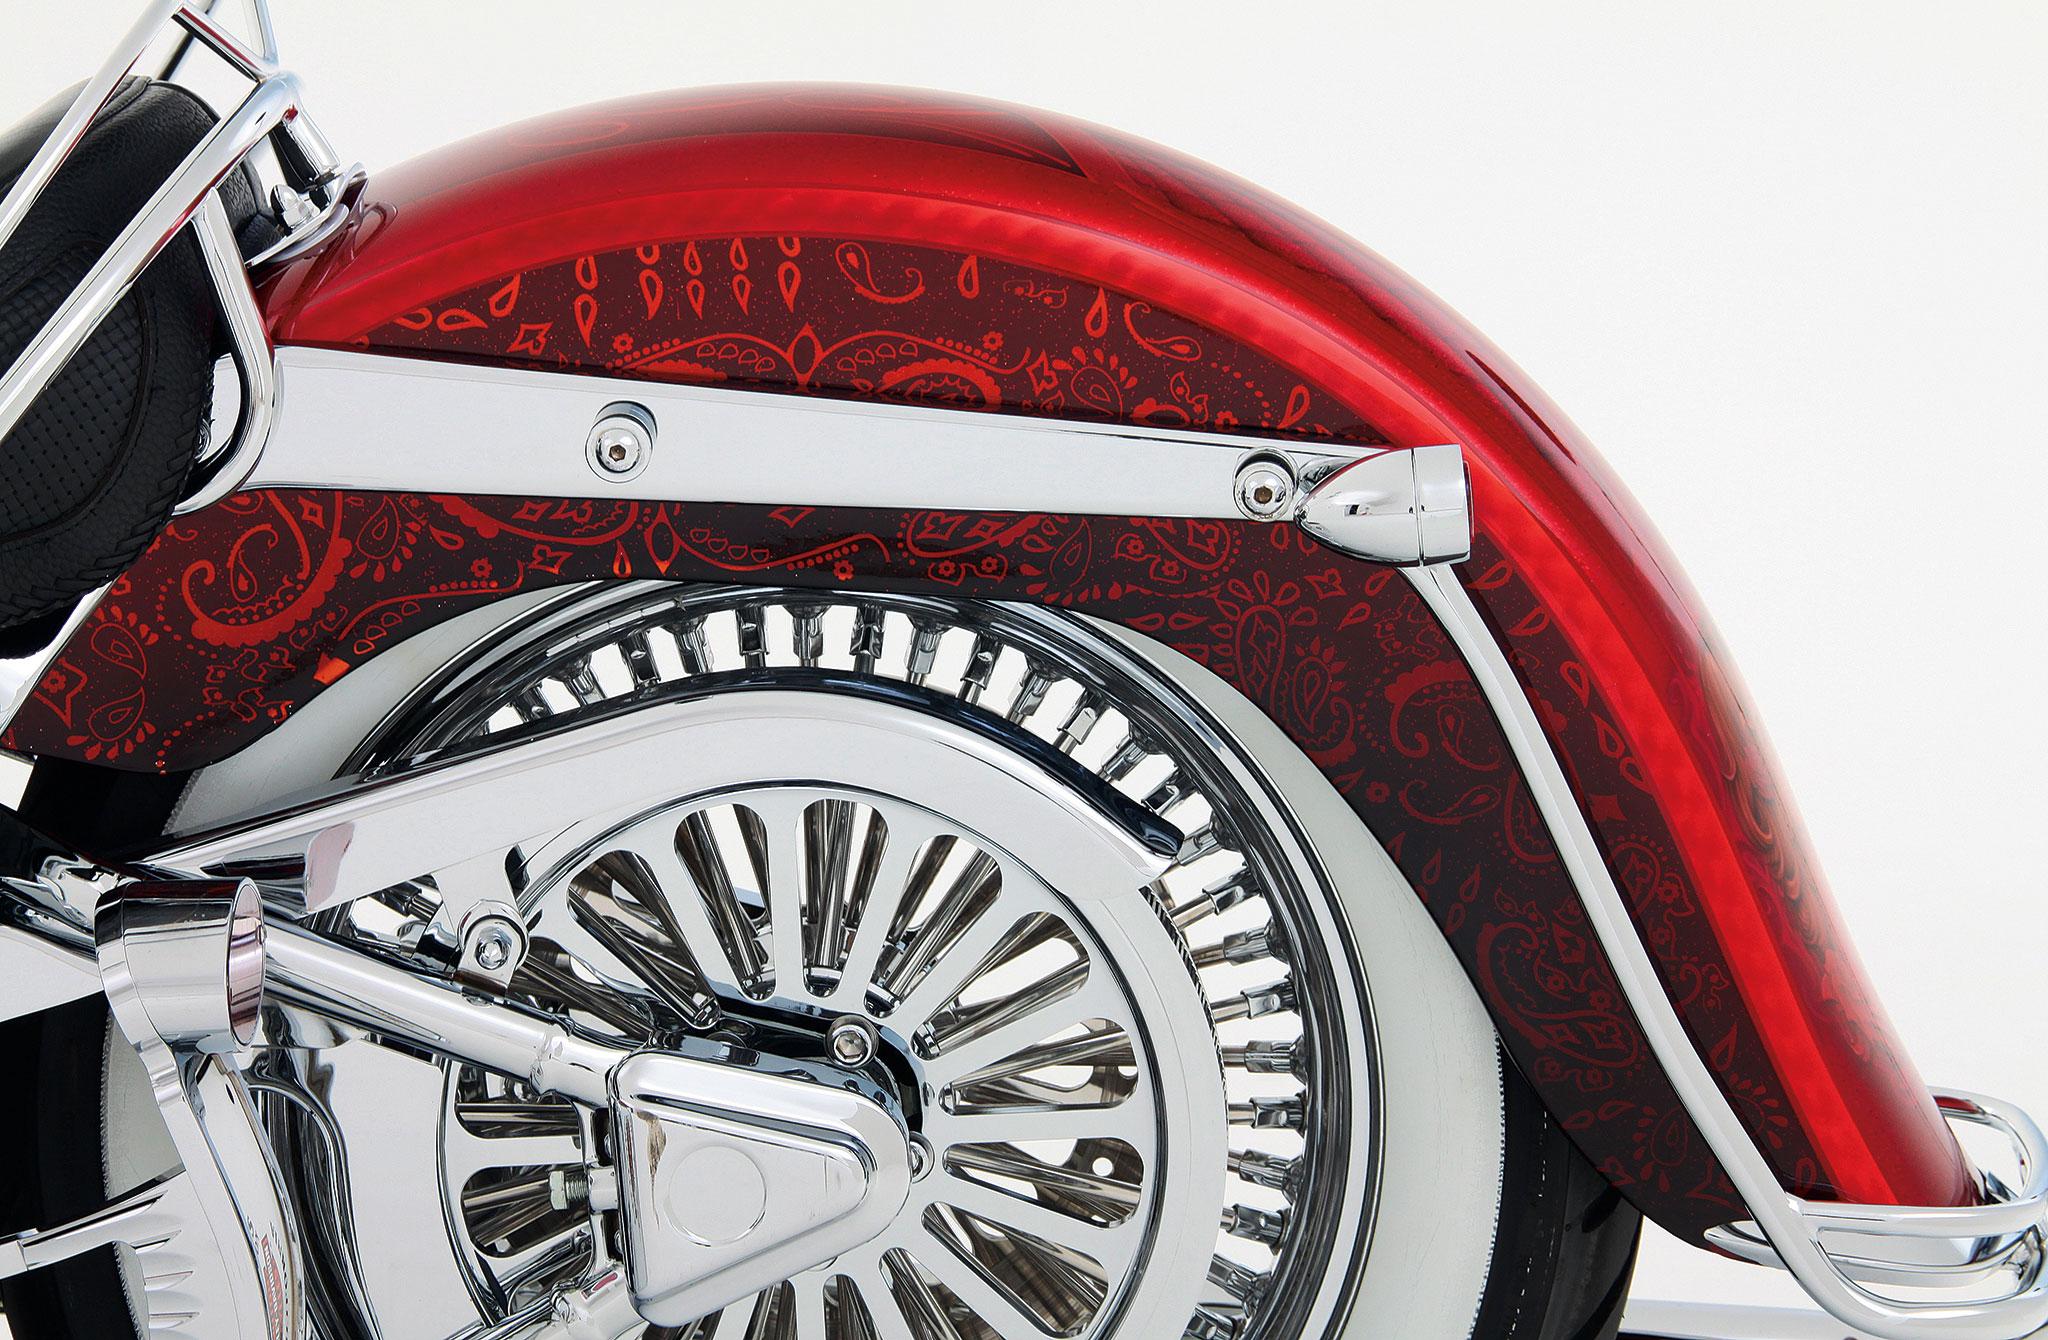 2005 Harley Davidson Softail Deluxe - Dia de Los Muertos ...